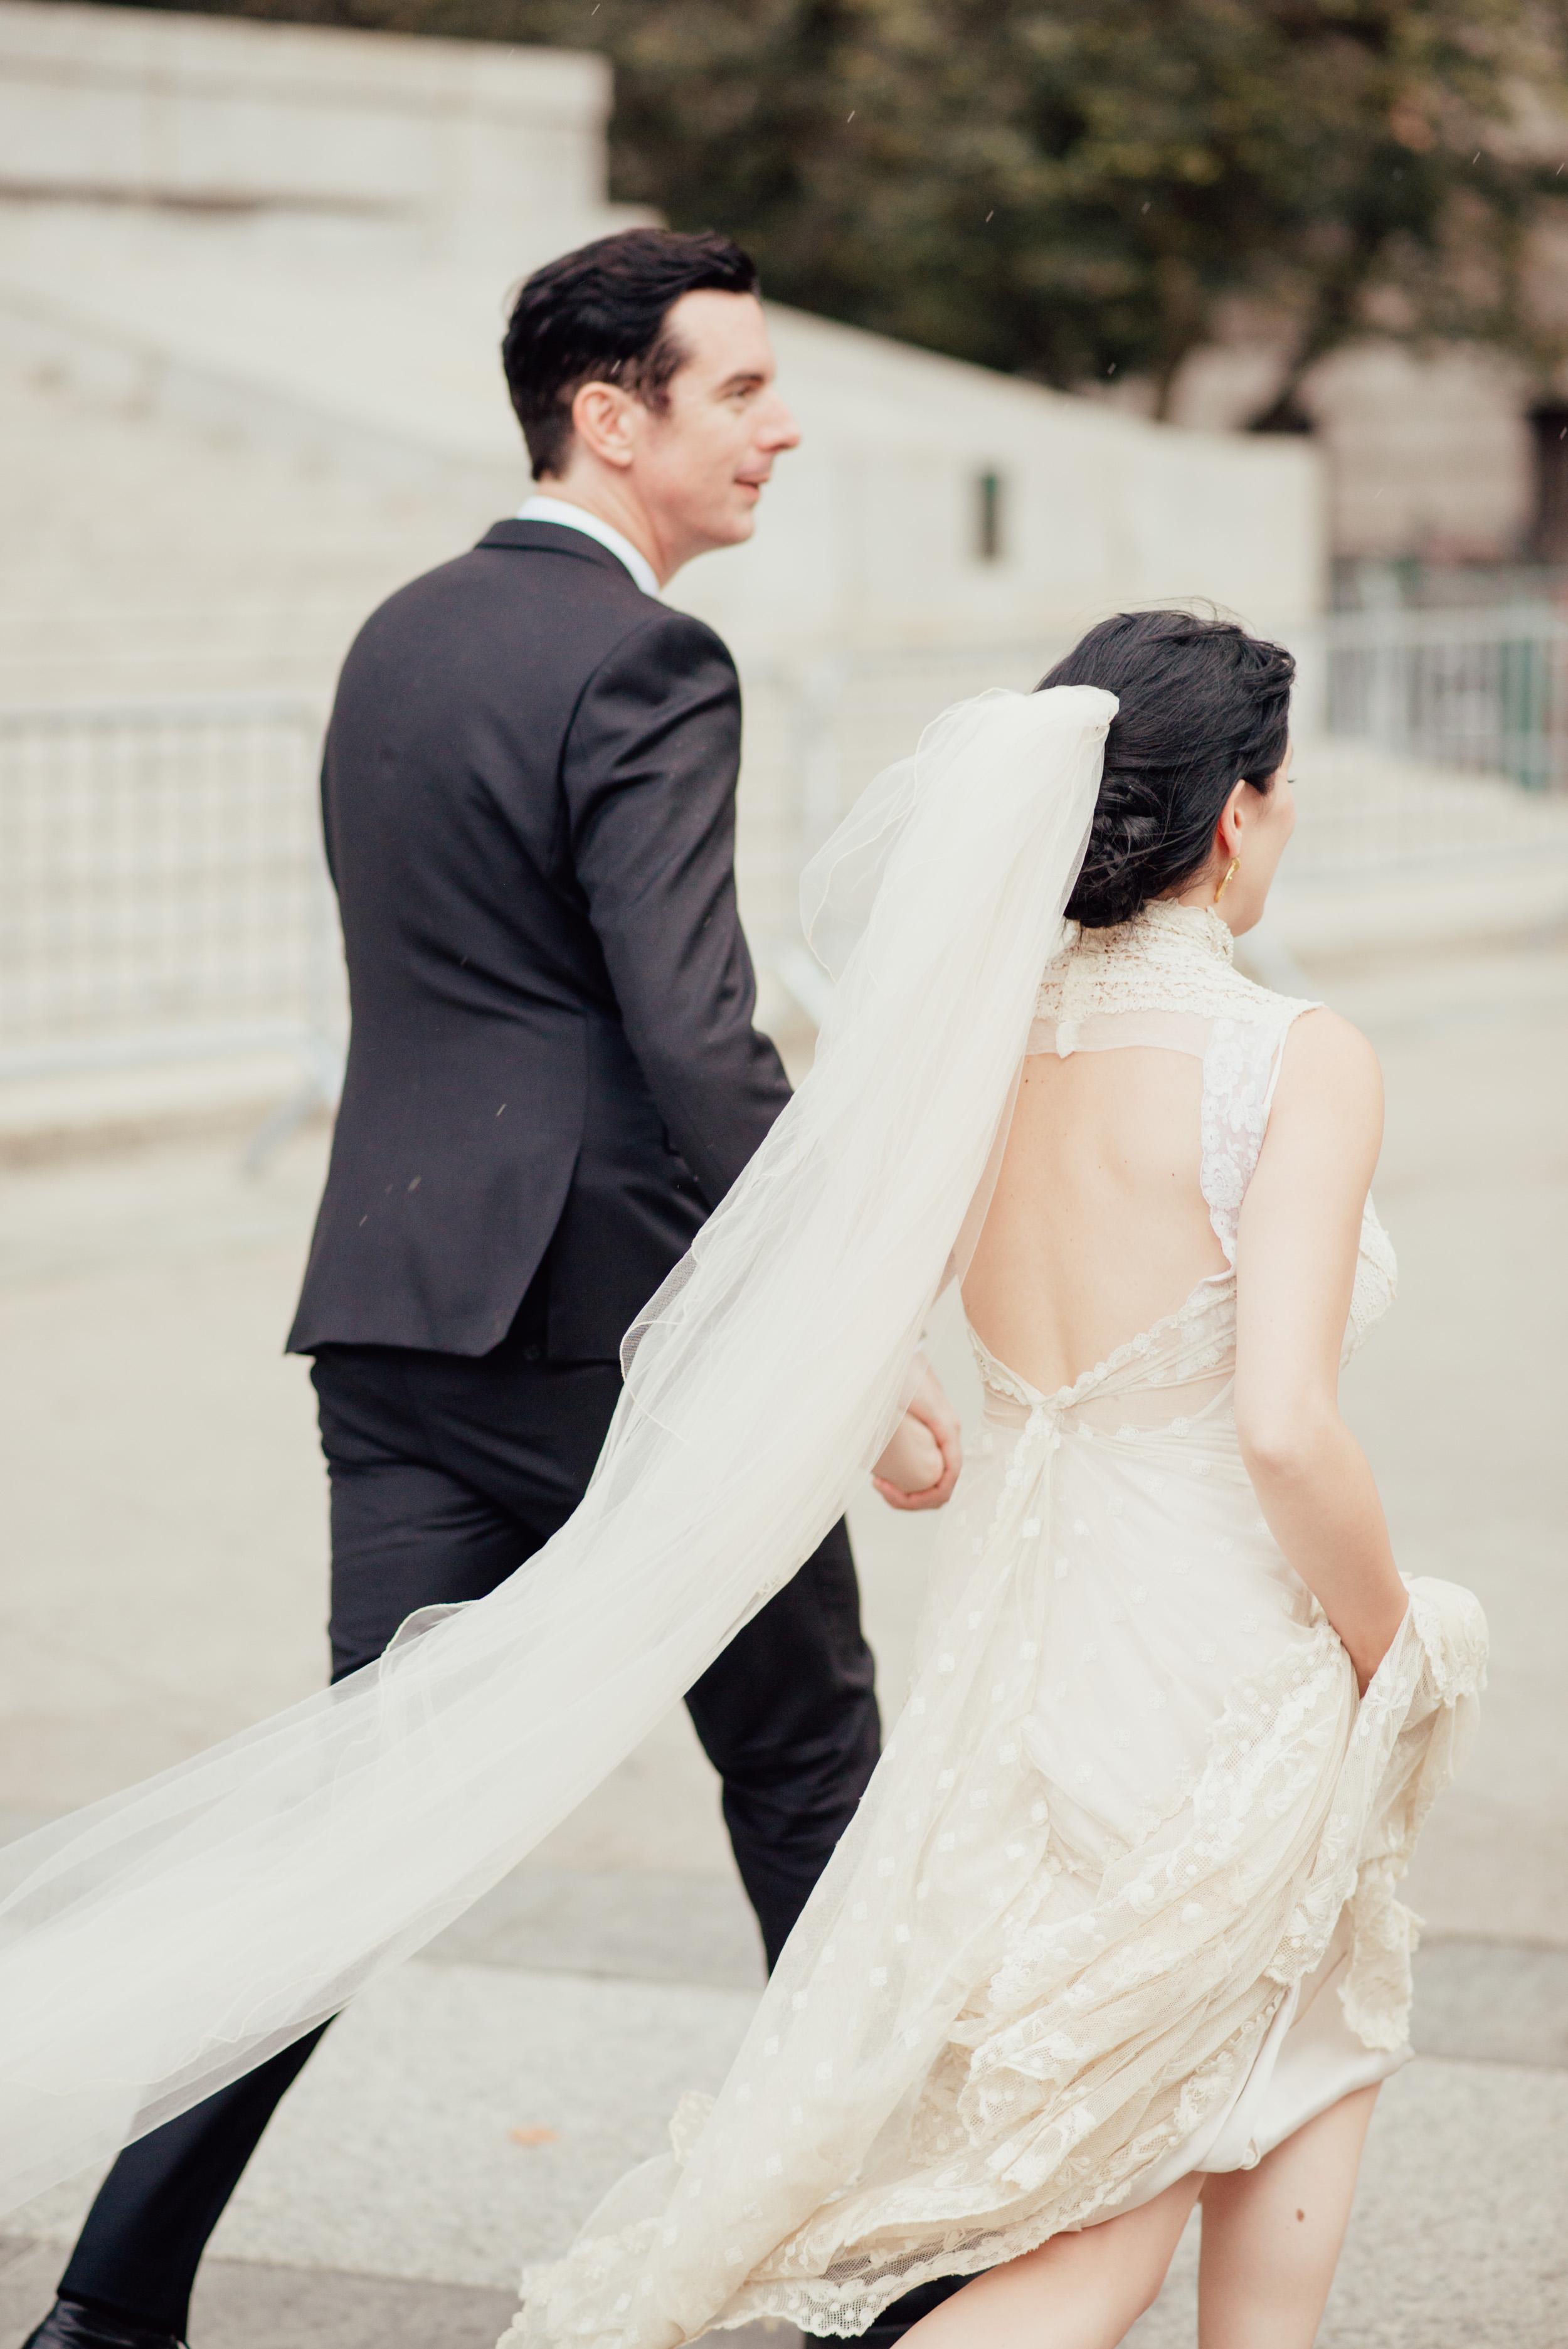 cleland-studios-weddings-29.jpg